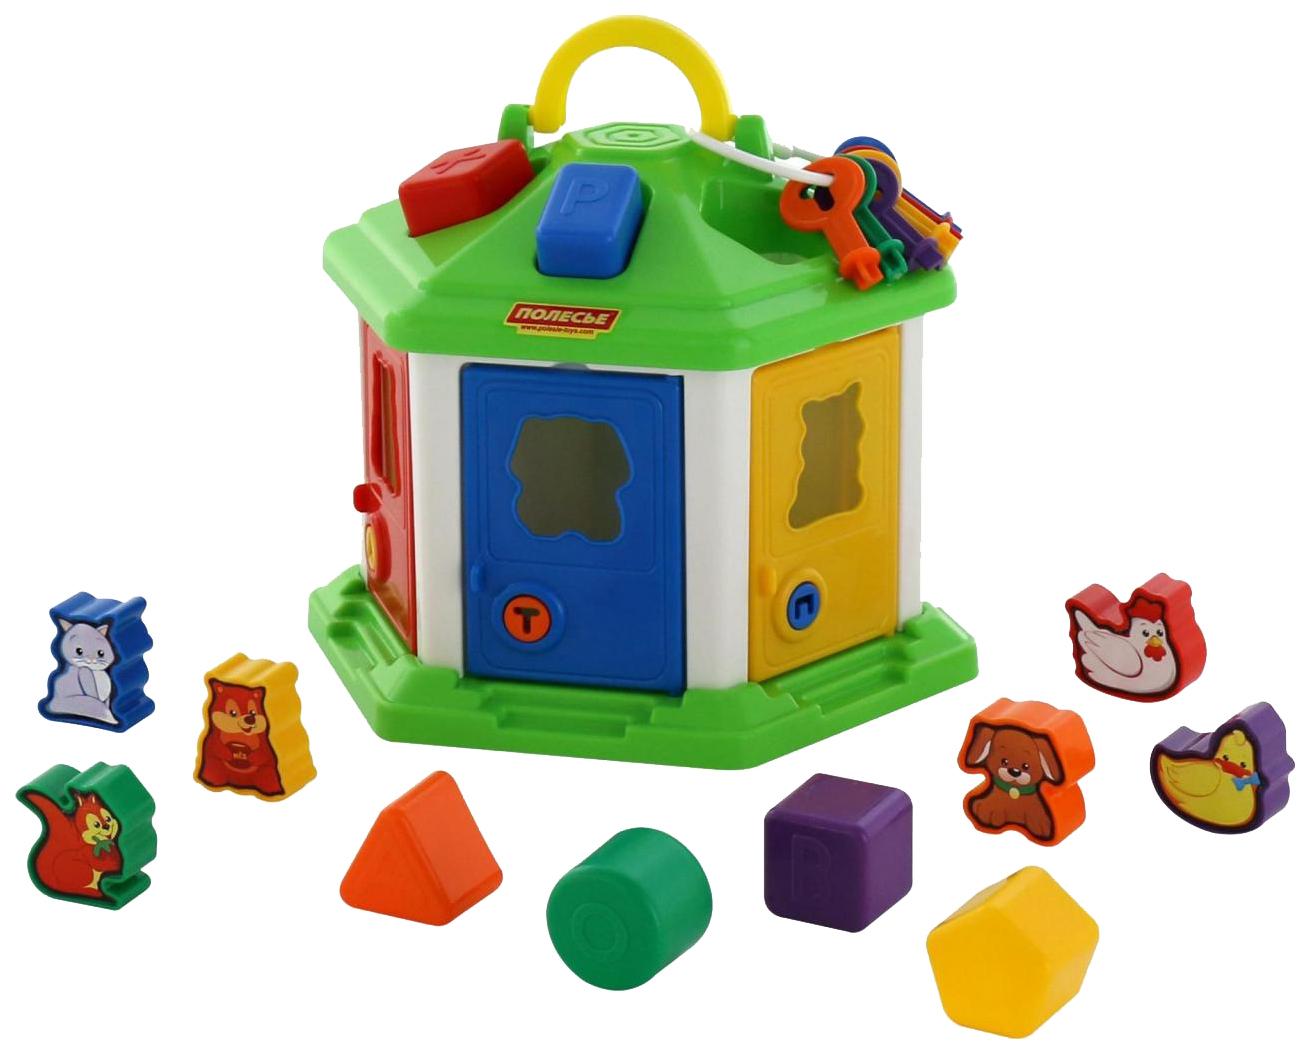 Развивающая игрушка Полесье Логический домик №2 П-62307